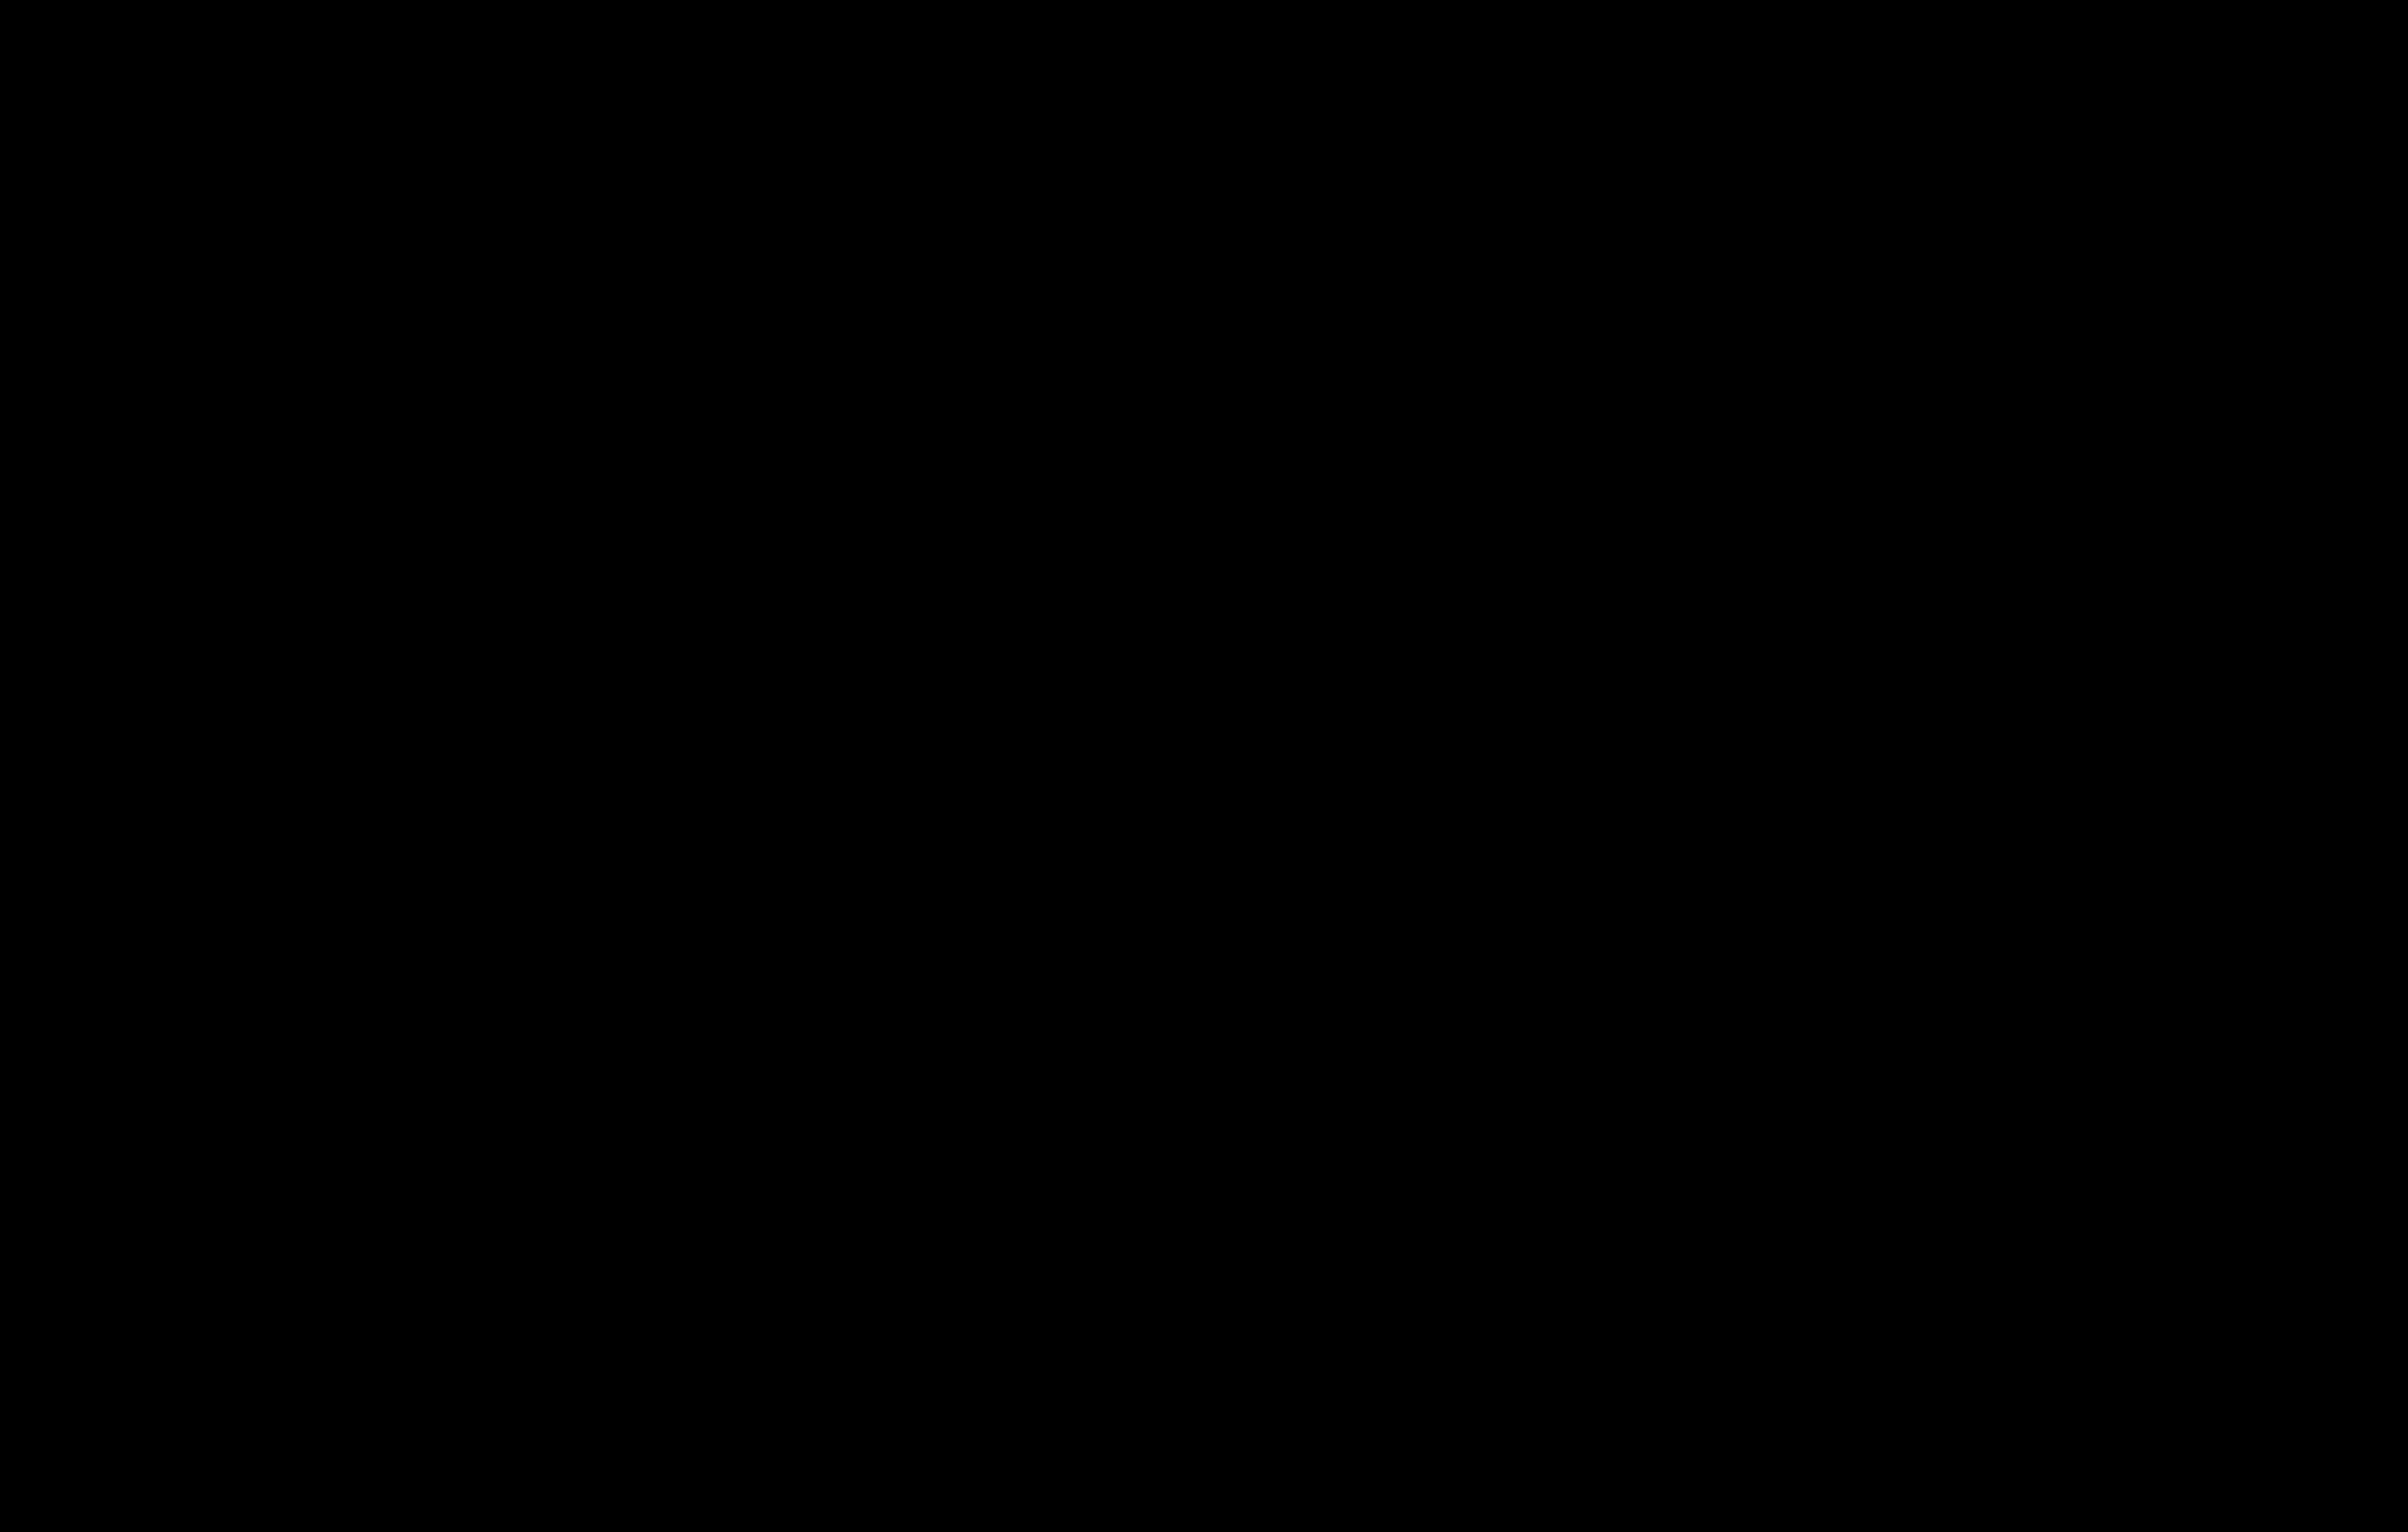 Sort t-skjort med Ung Nannestad sin logo